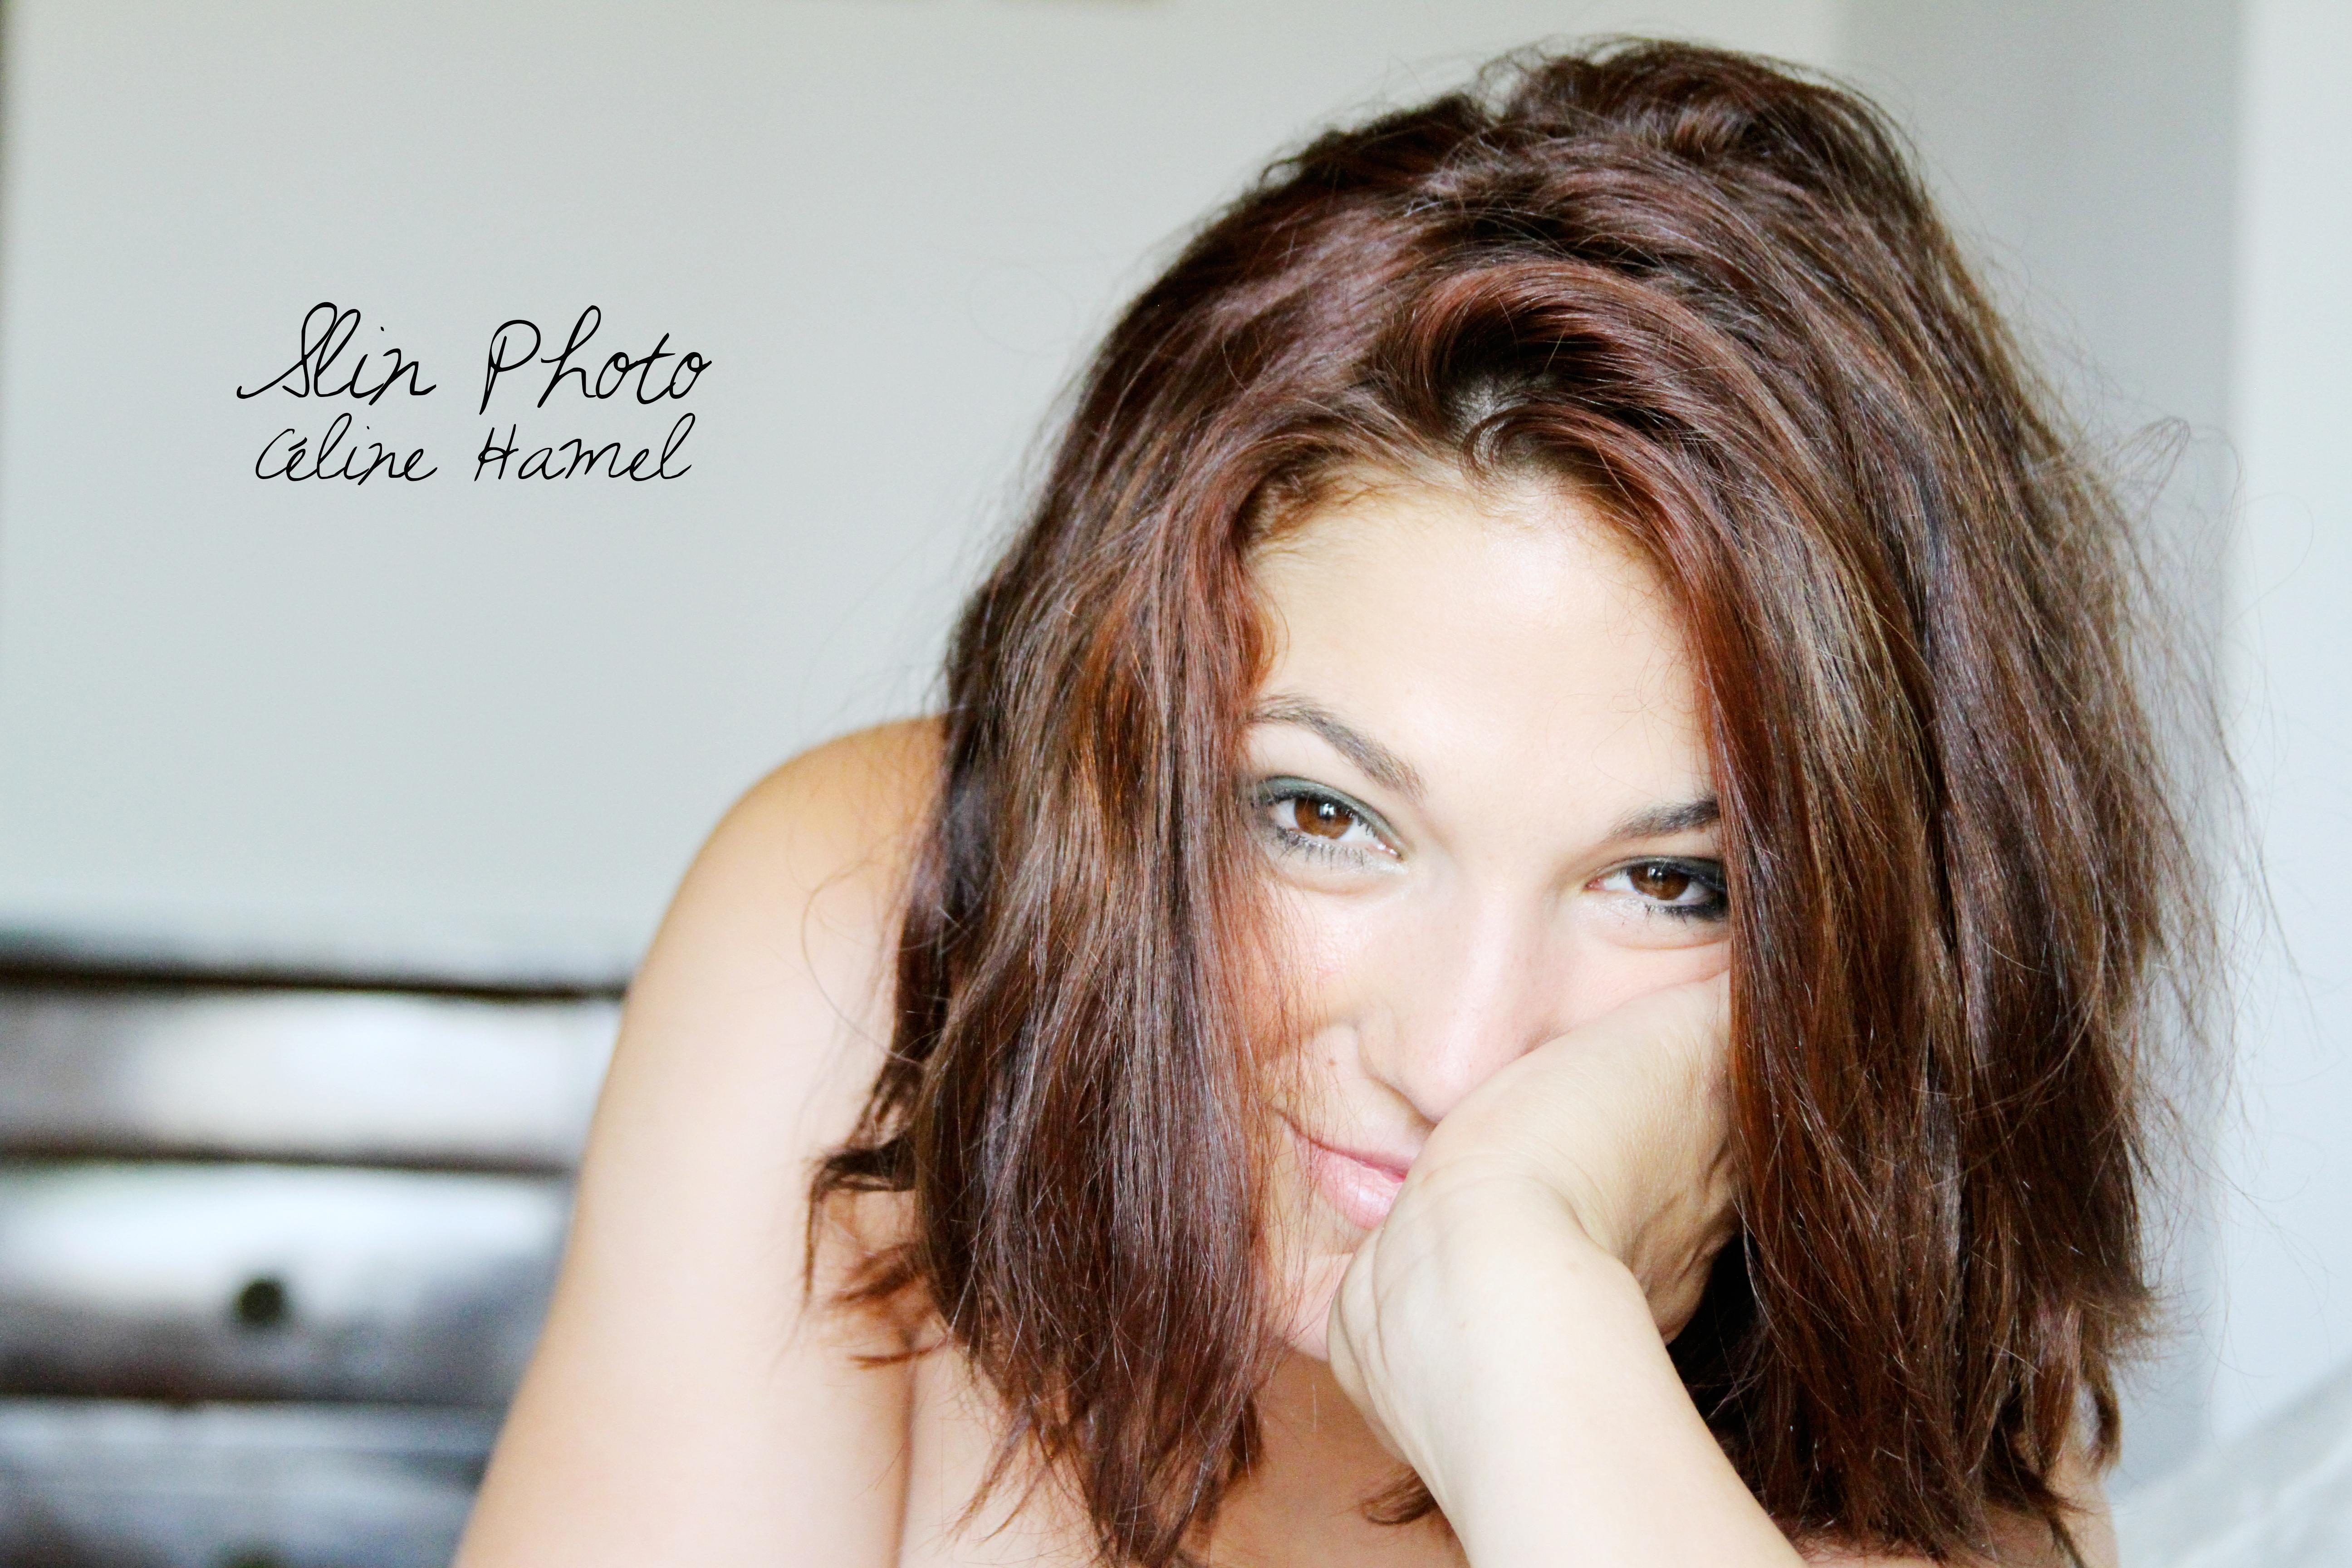 s14_photographe_vittel_vosges_88_52_54_slin_photo_céline_hamel_adulte_charme_bou